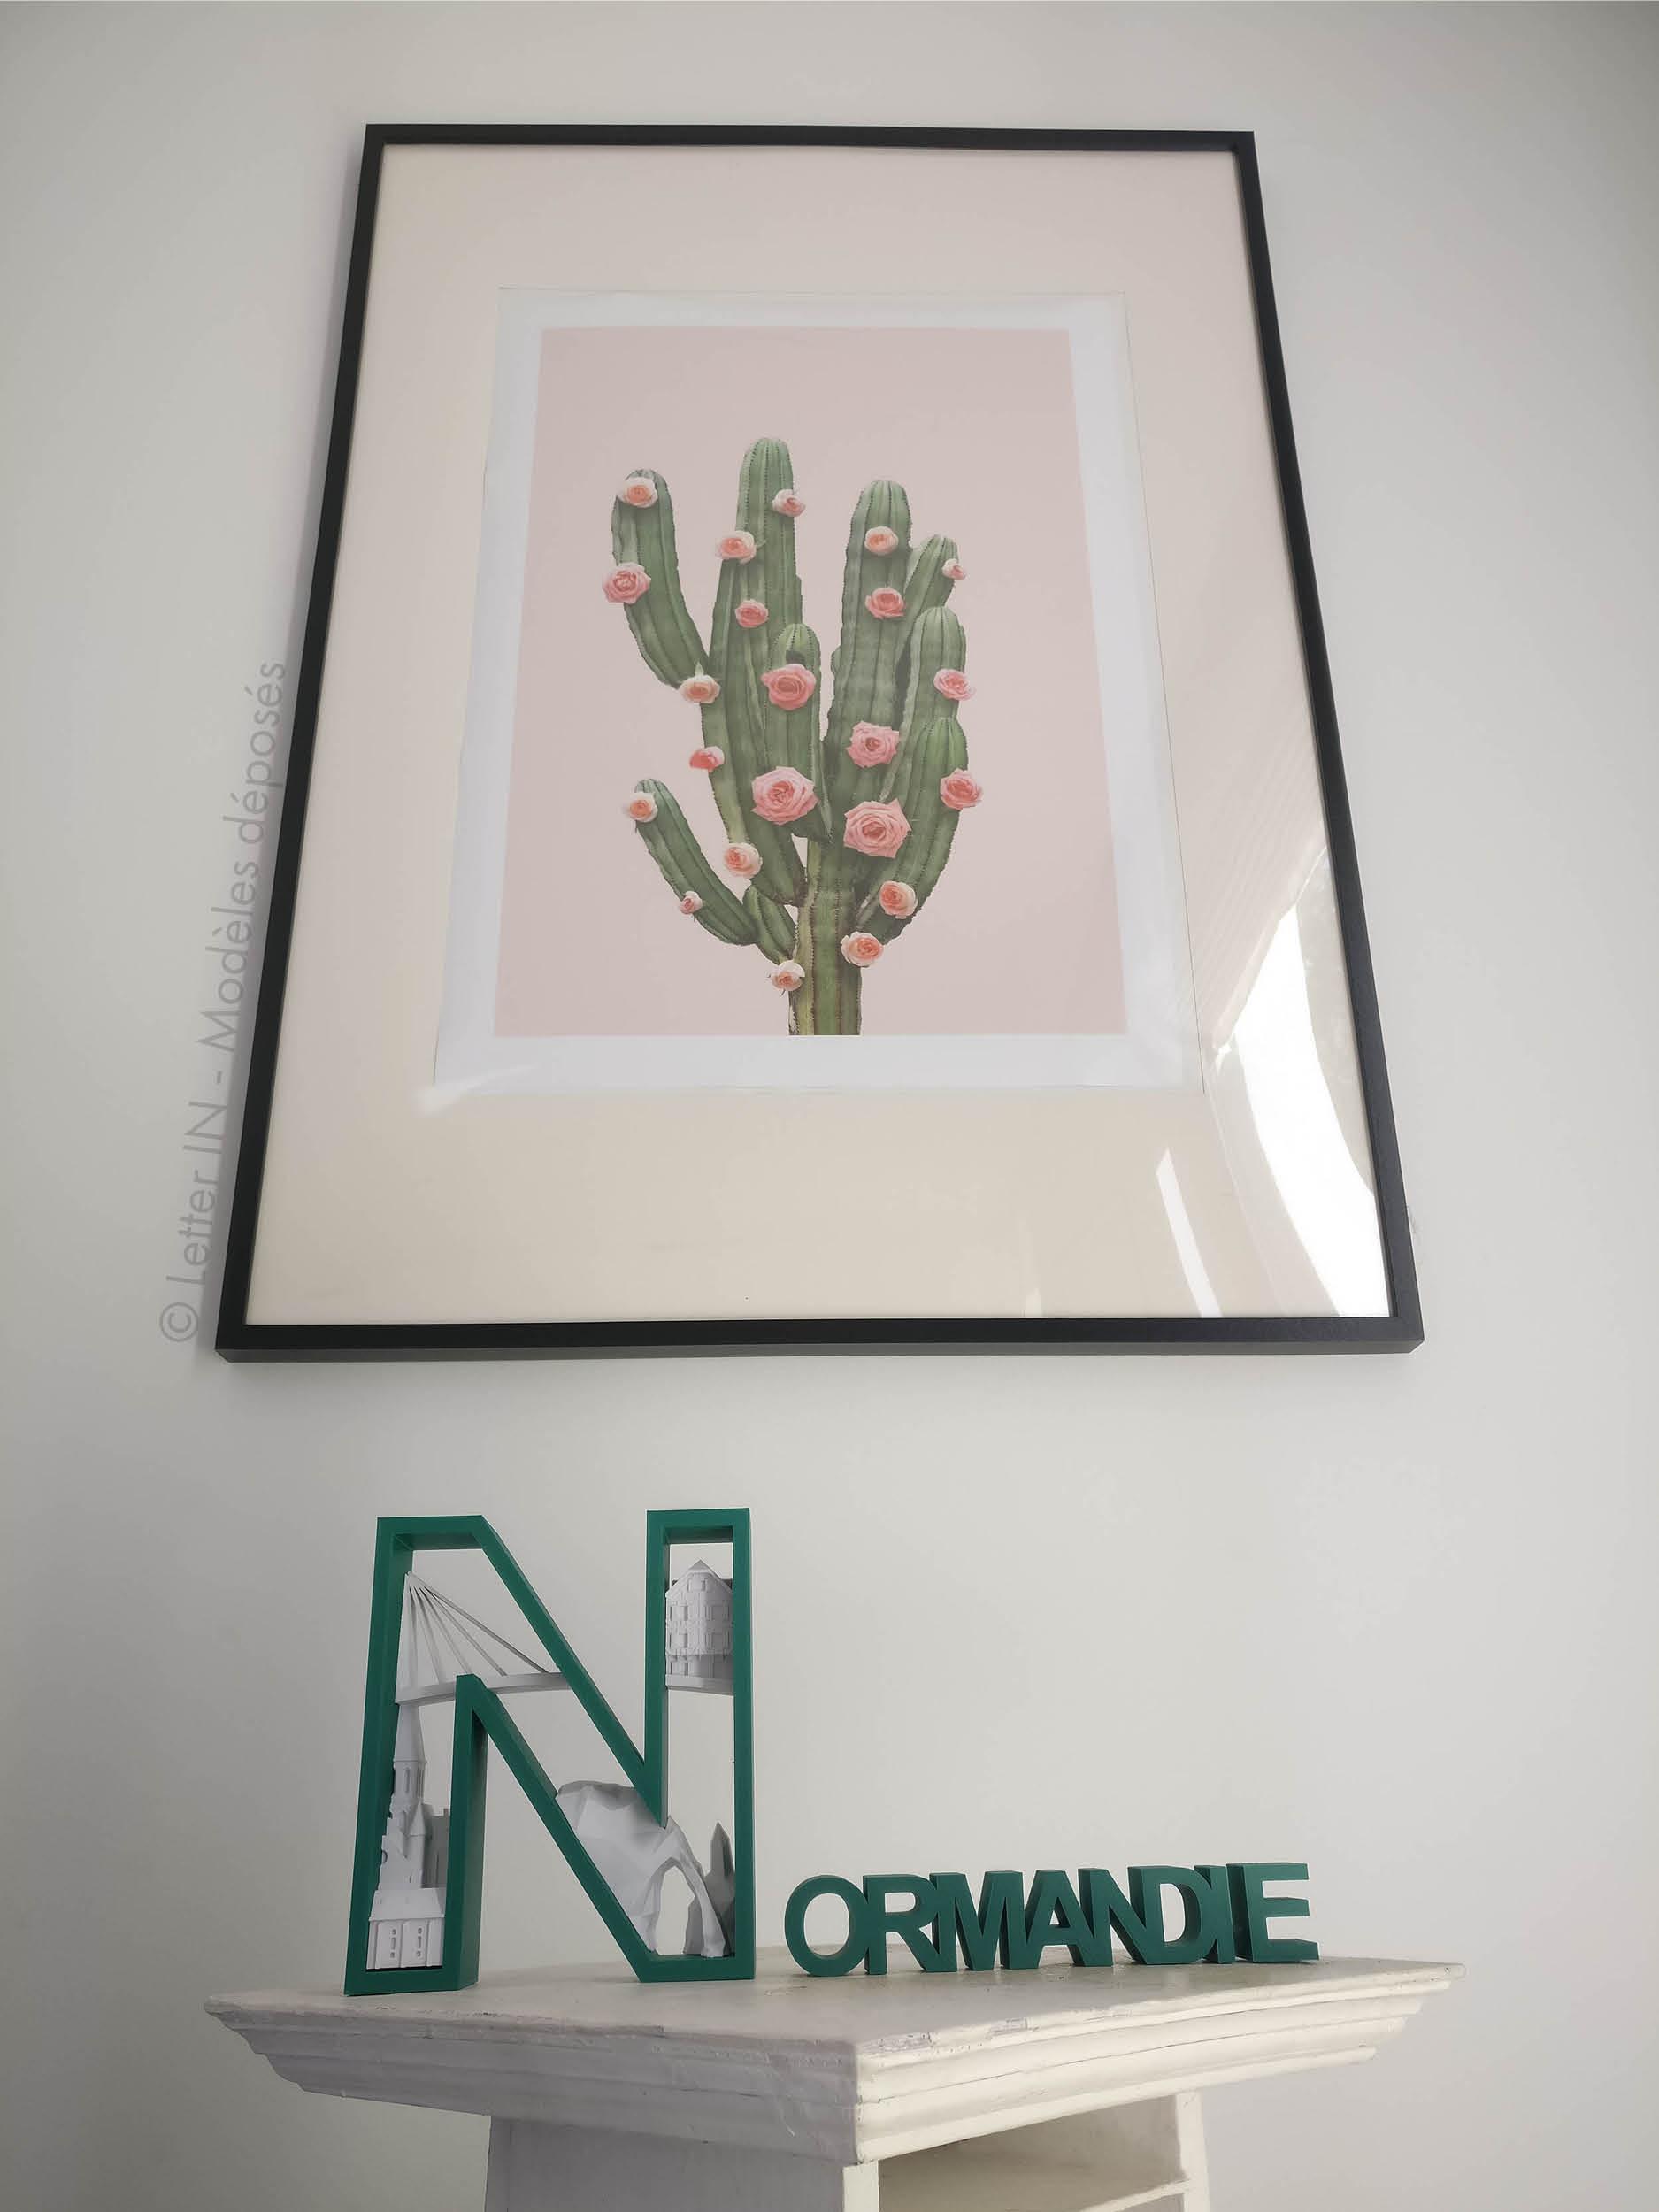 Normandie vert et blanc cactus